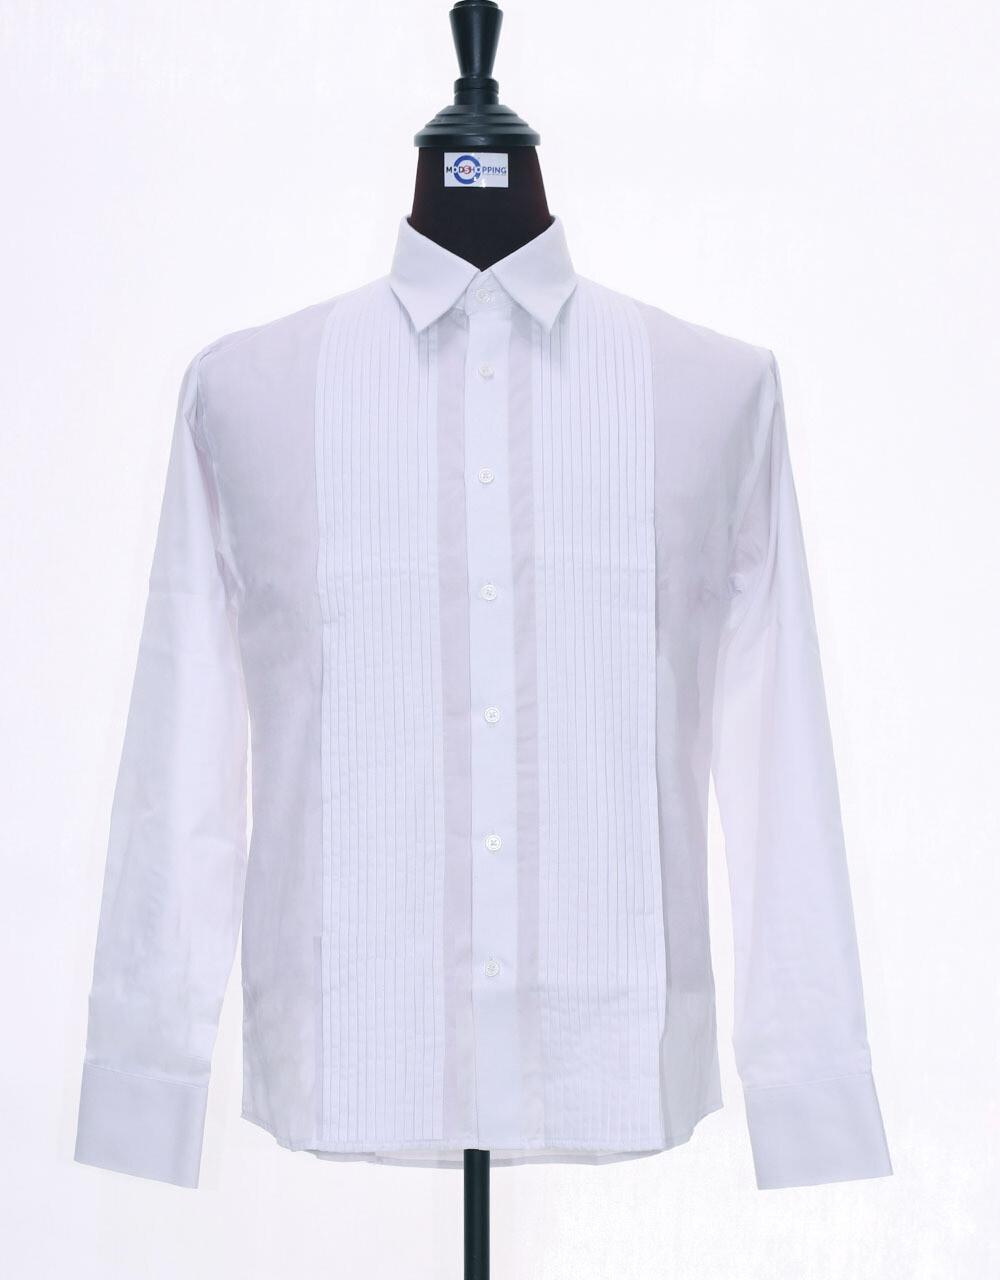 This Tuxedo Only Tuxedo White Shirt Size M